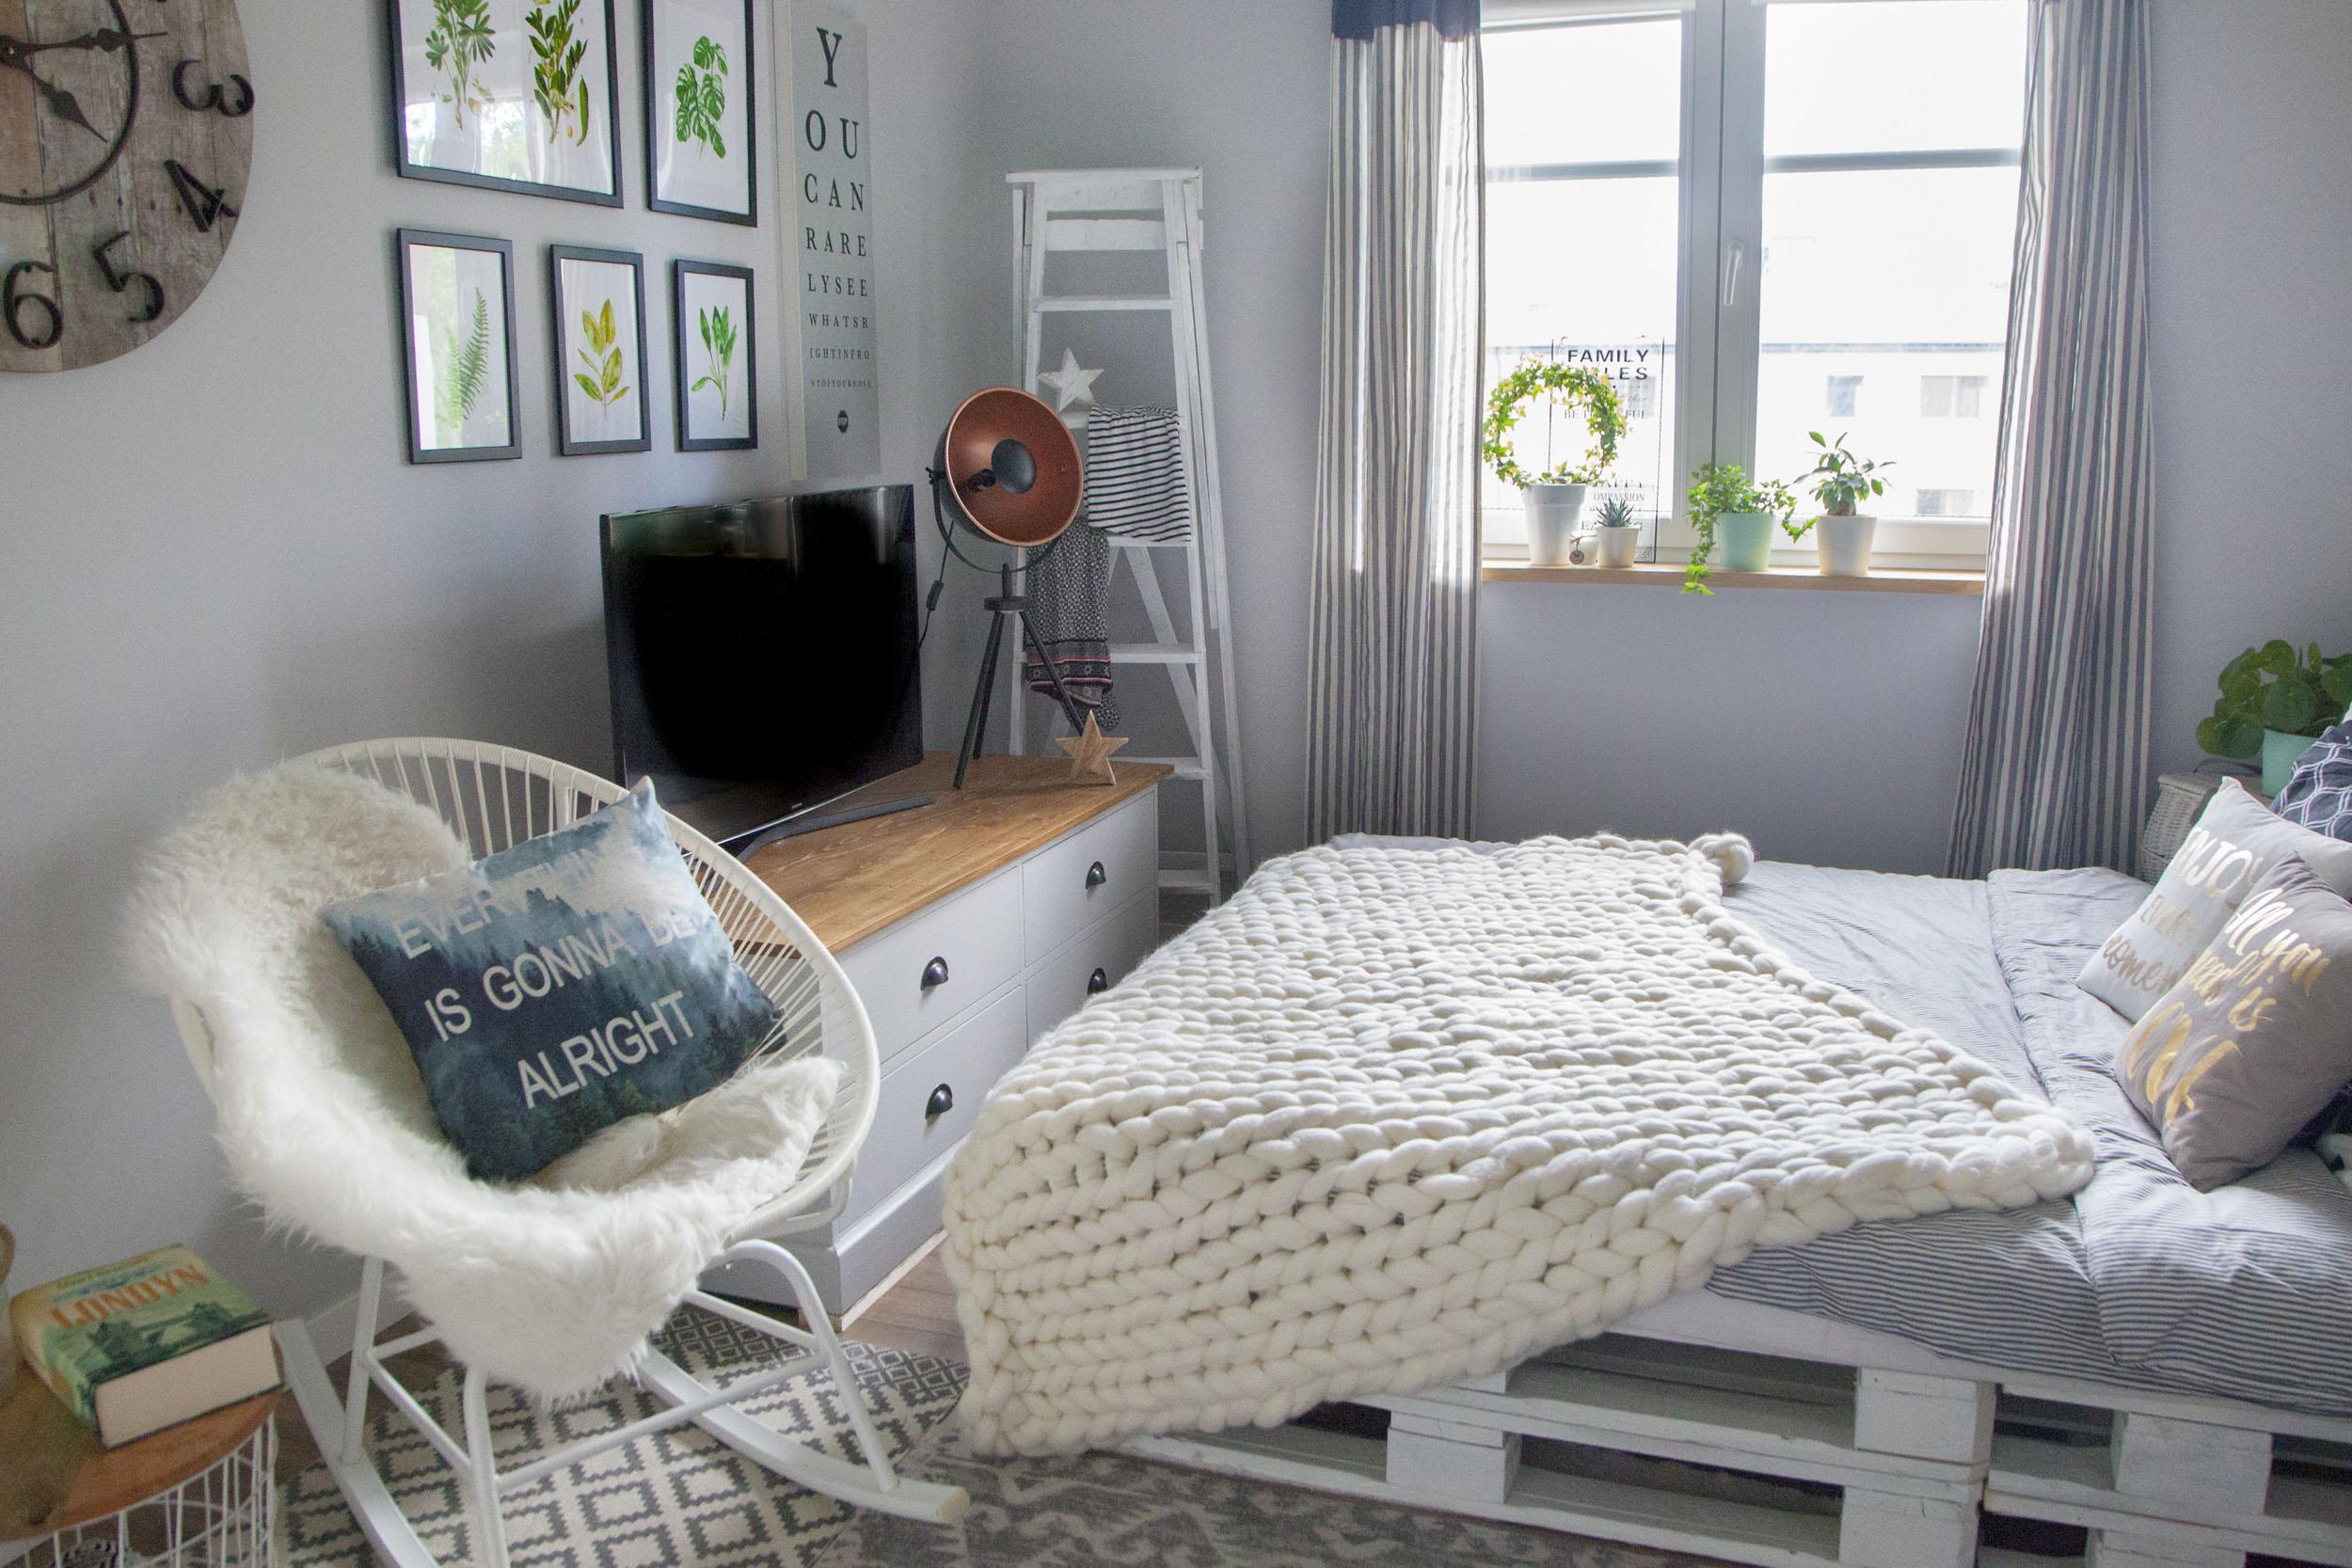 Łóżko z palet w sypialni z motywem botanicznym